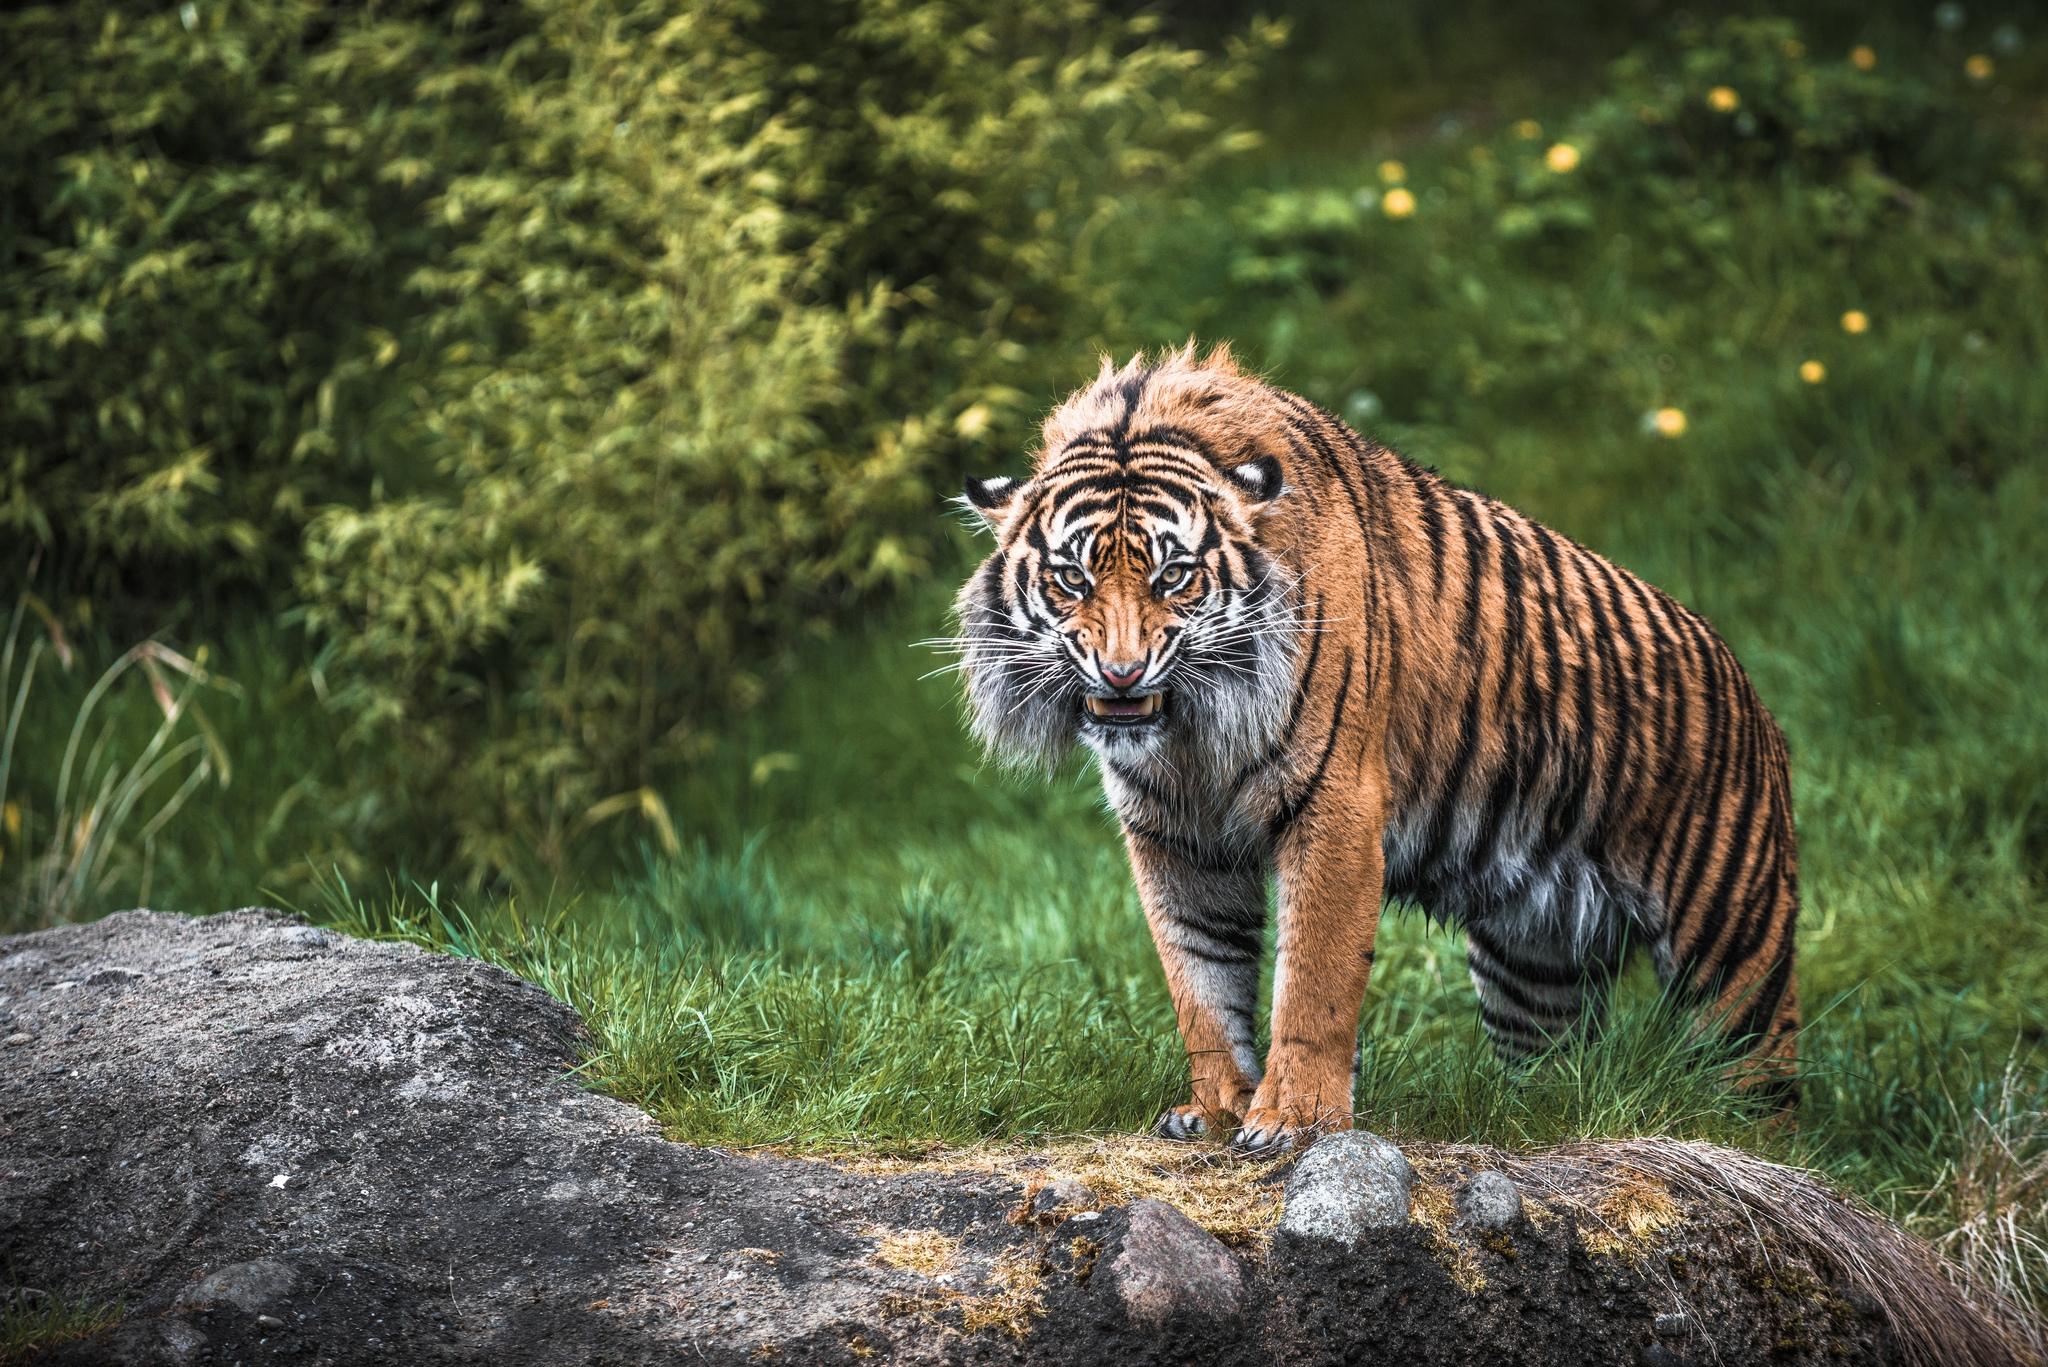 80412 Hintergrundbild herunterladen Tiere, Grass, Aggression, Grinsen, Grin, Schnauze, Tiger - Bildschirmschoner und Bilder kostenlos